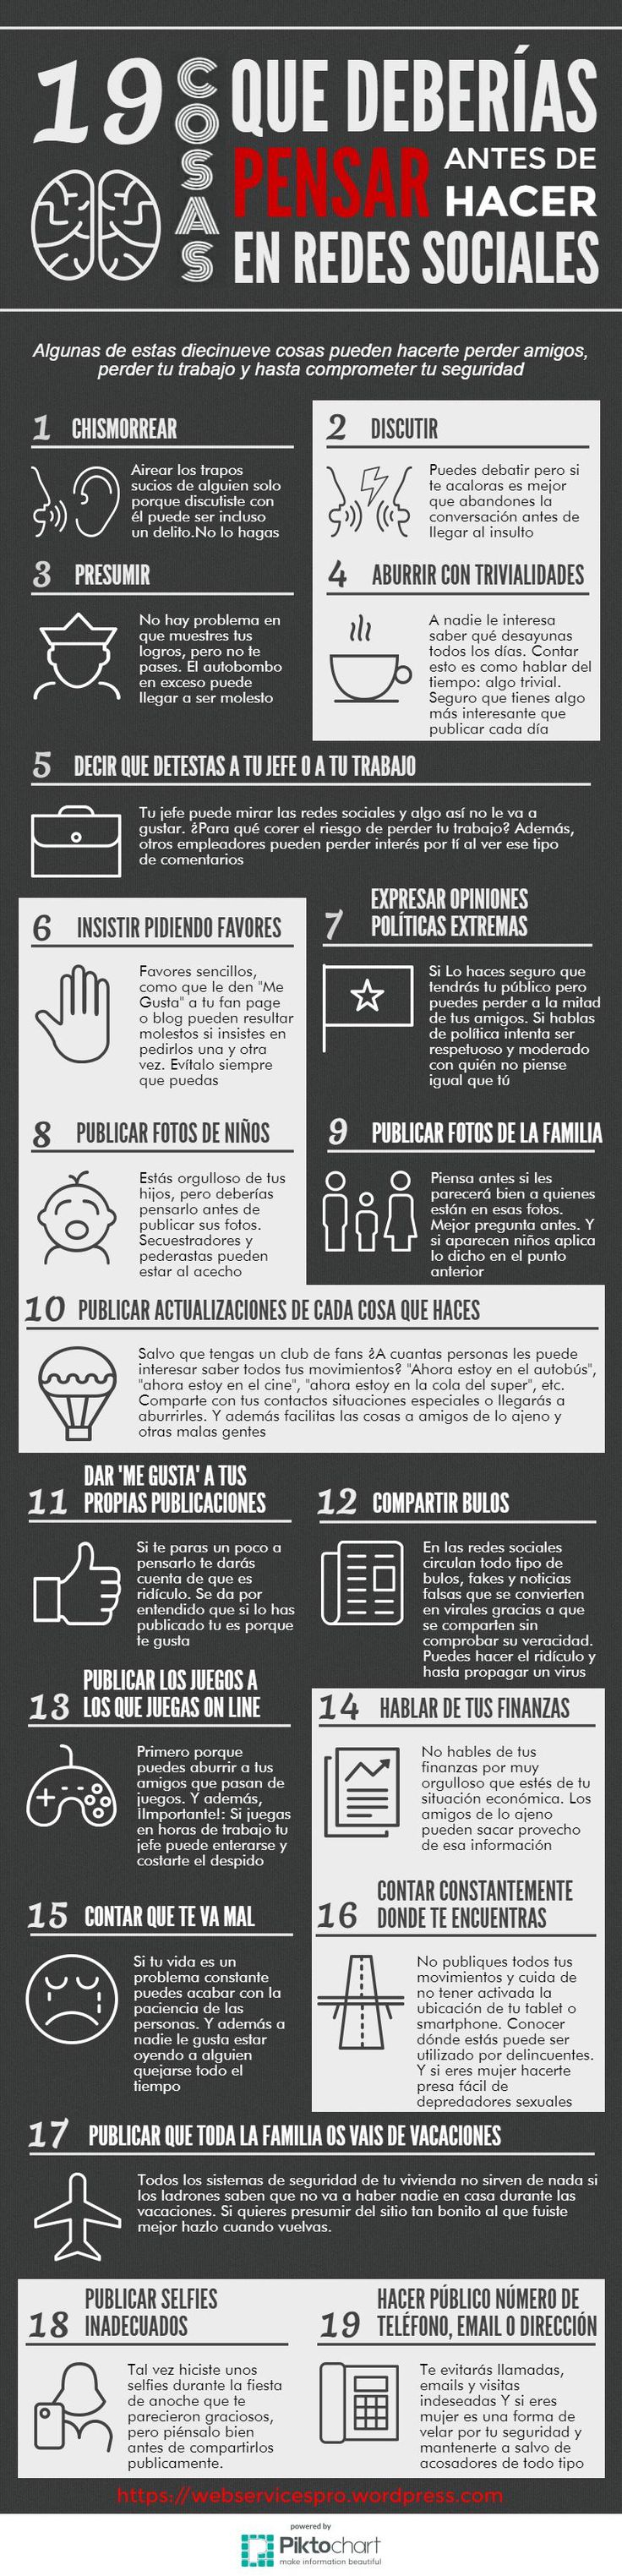 #RedesSociales 19 cosas que deberías pensar antes de hacer en redes sociales  #SocialMedia